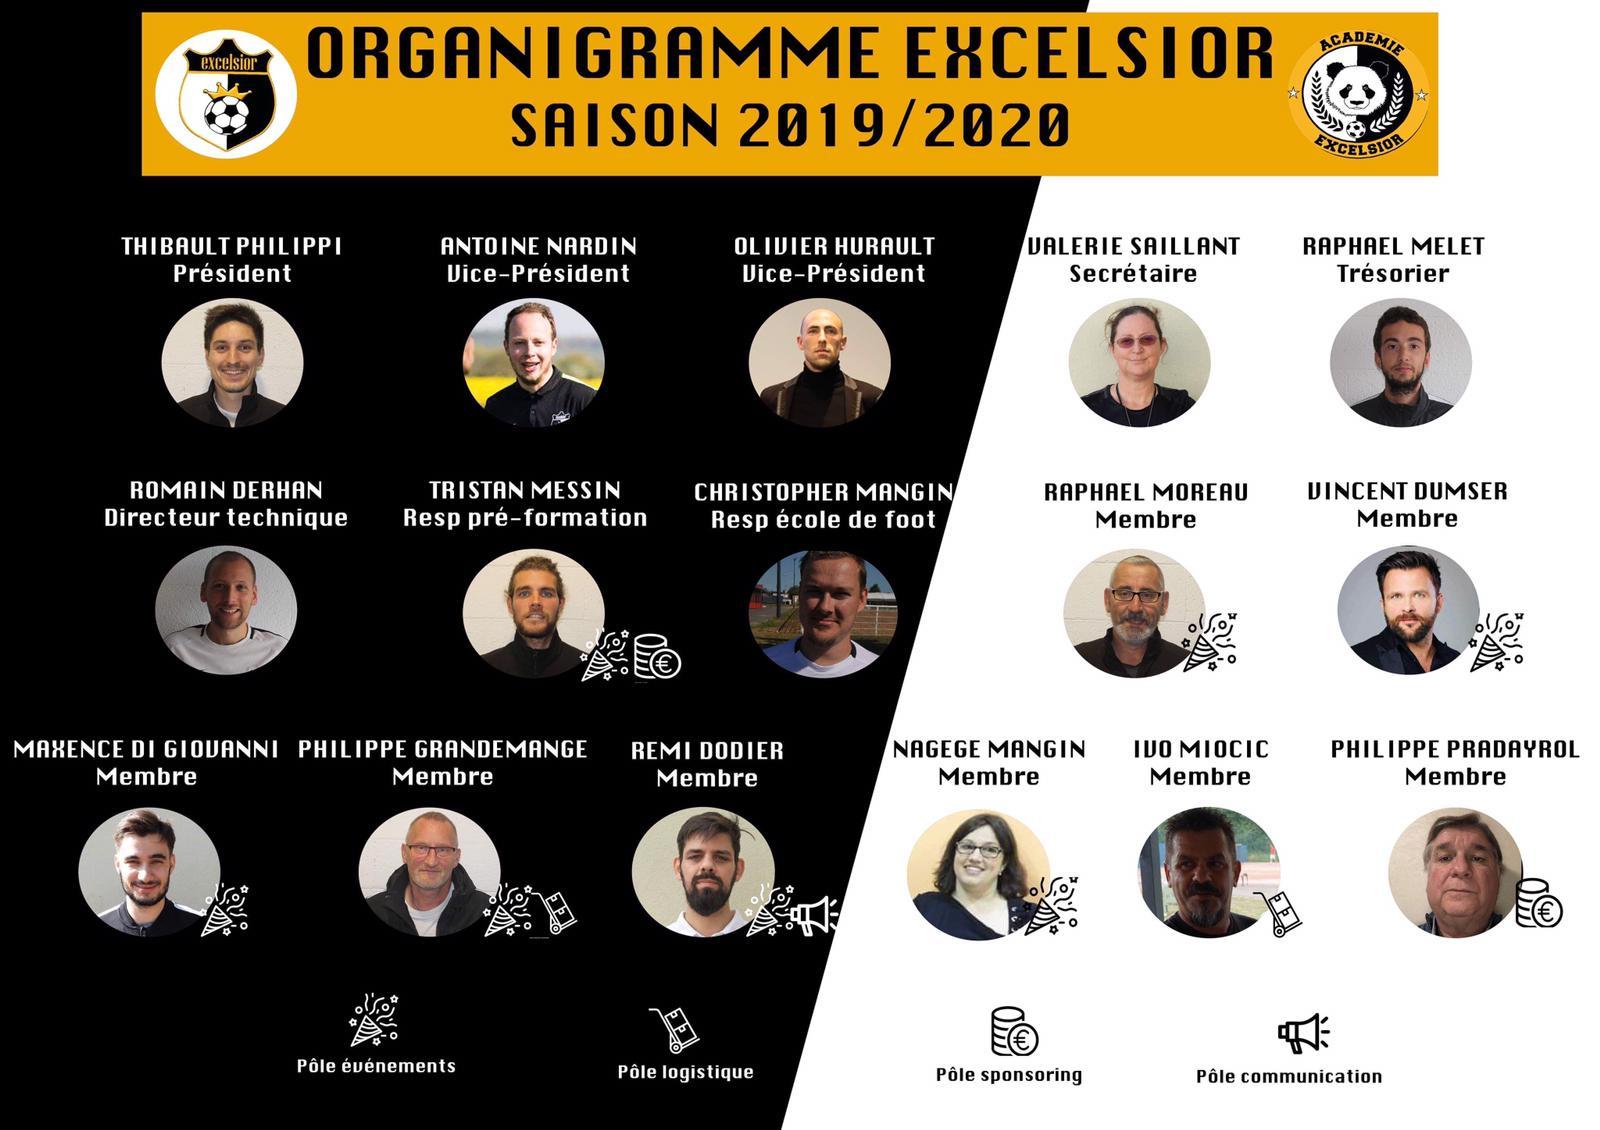 Organigramme saison 2019-2020